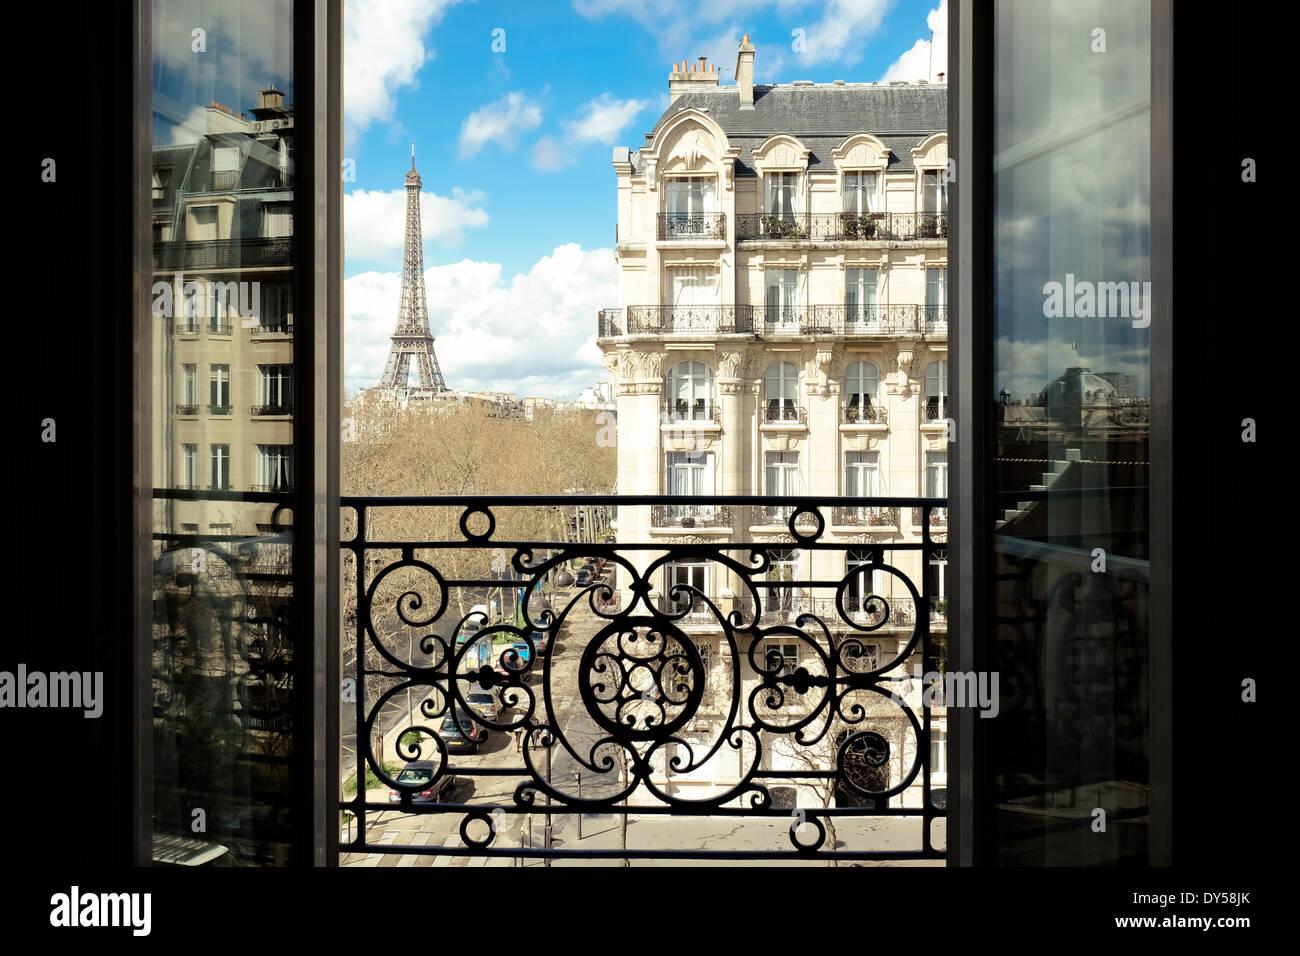 Eiffelturm, Paris, France, angezeigt durch ein offenes Fenster. Stockbild